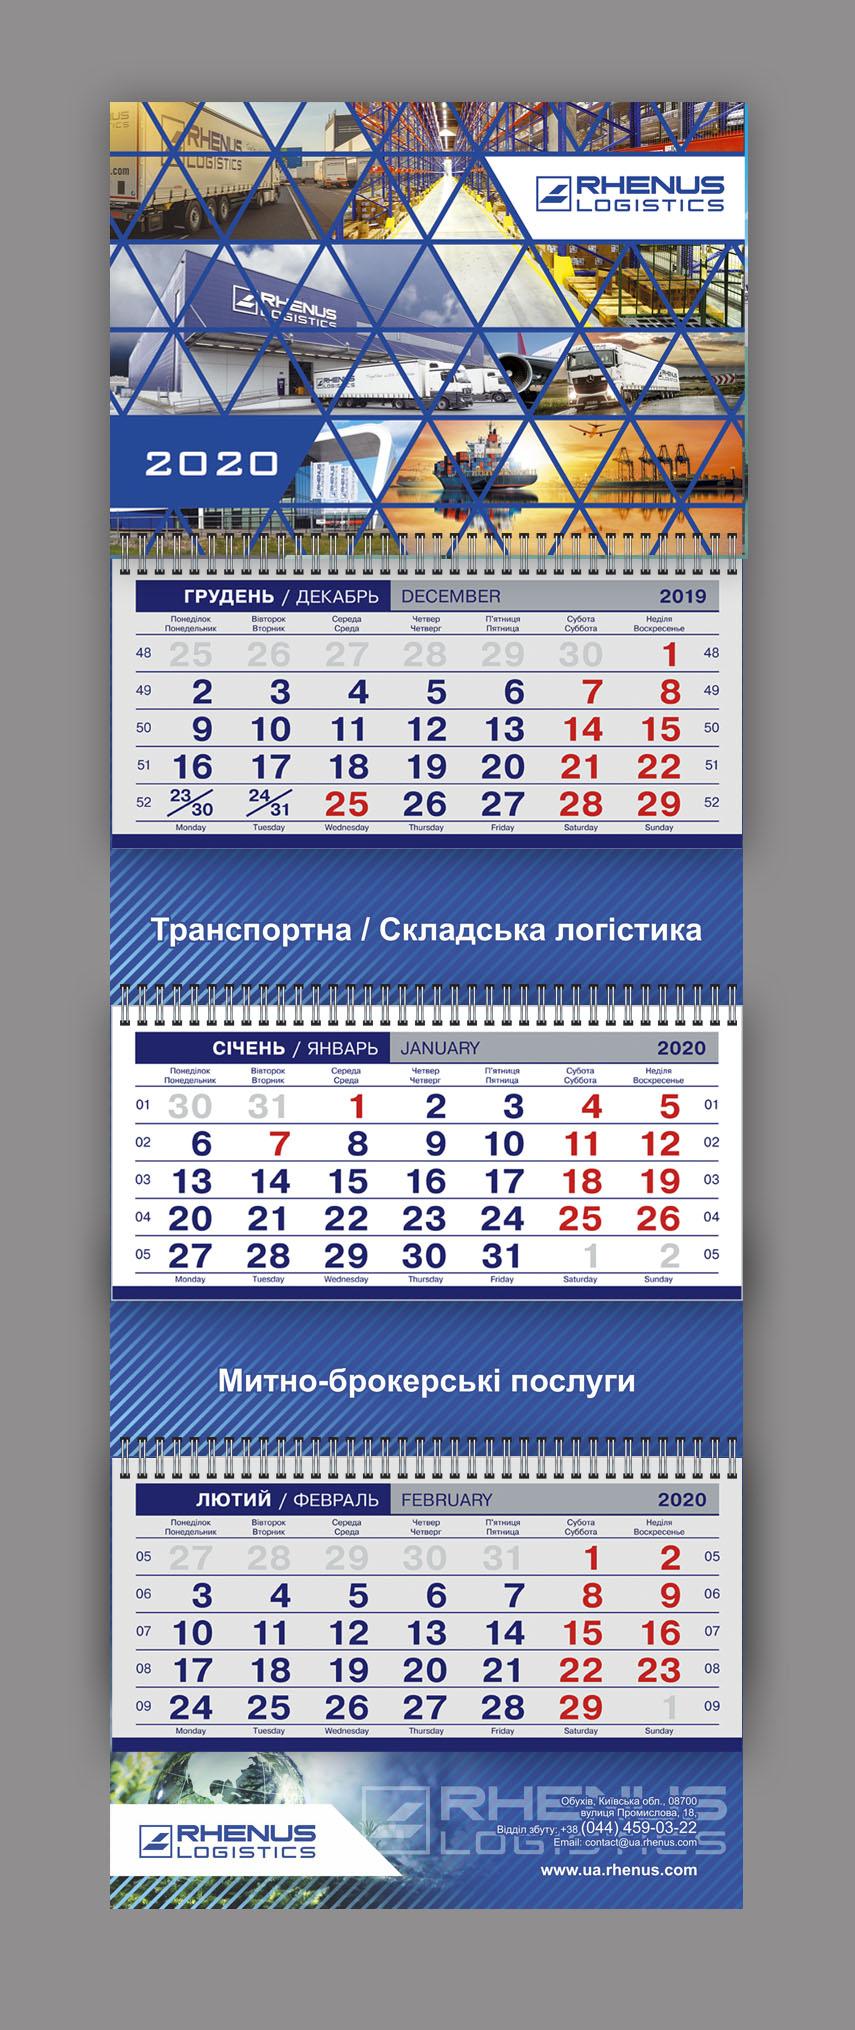 Дизайн квартального календаря логистической компании Rhenus 2020 Вариант №6 http://www.makety.top